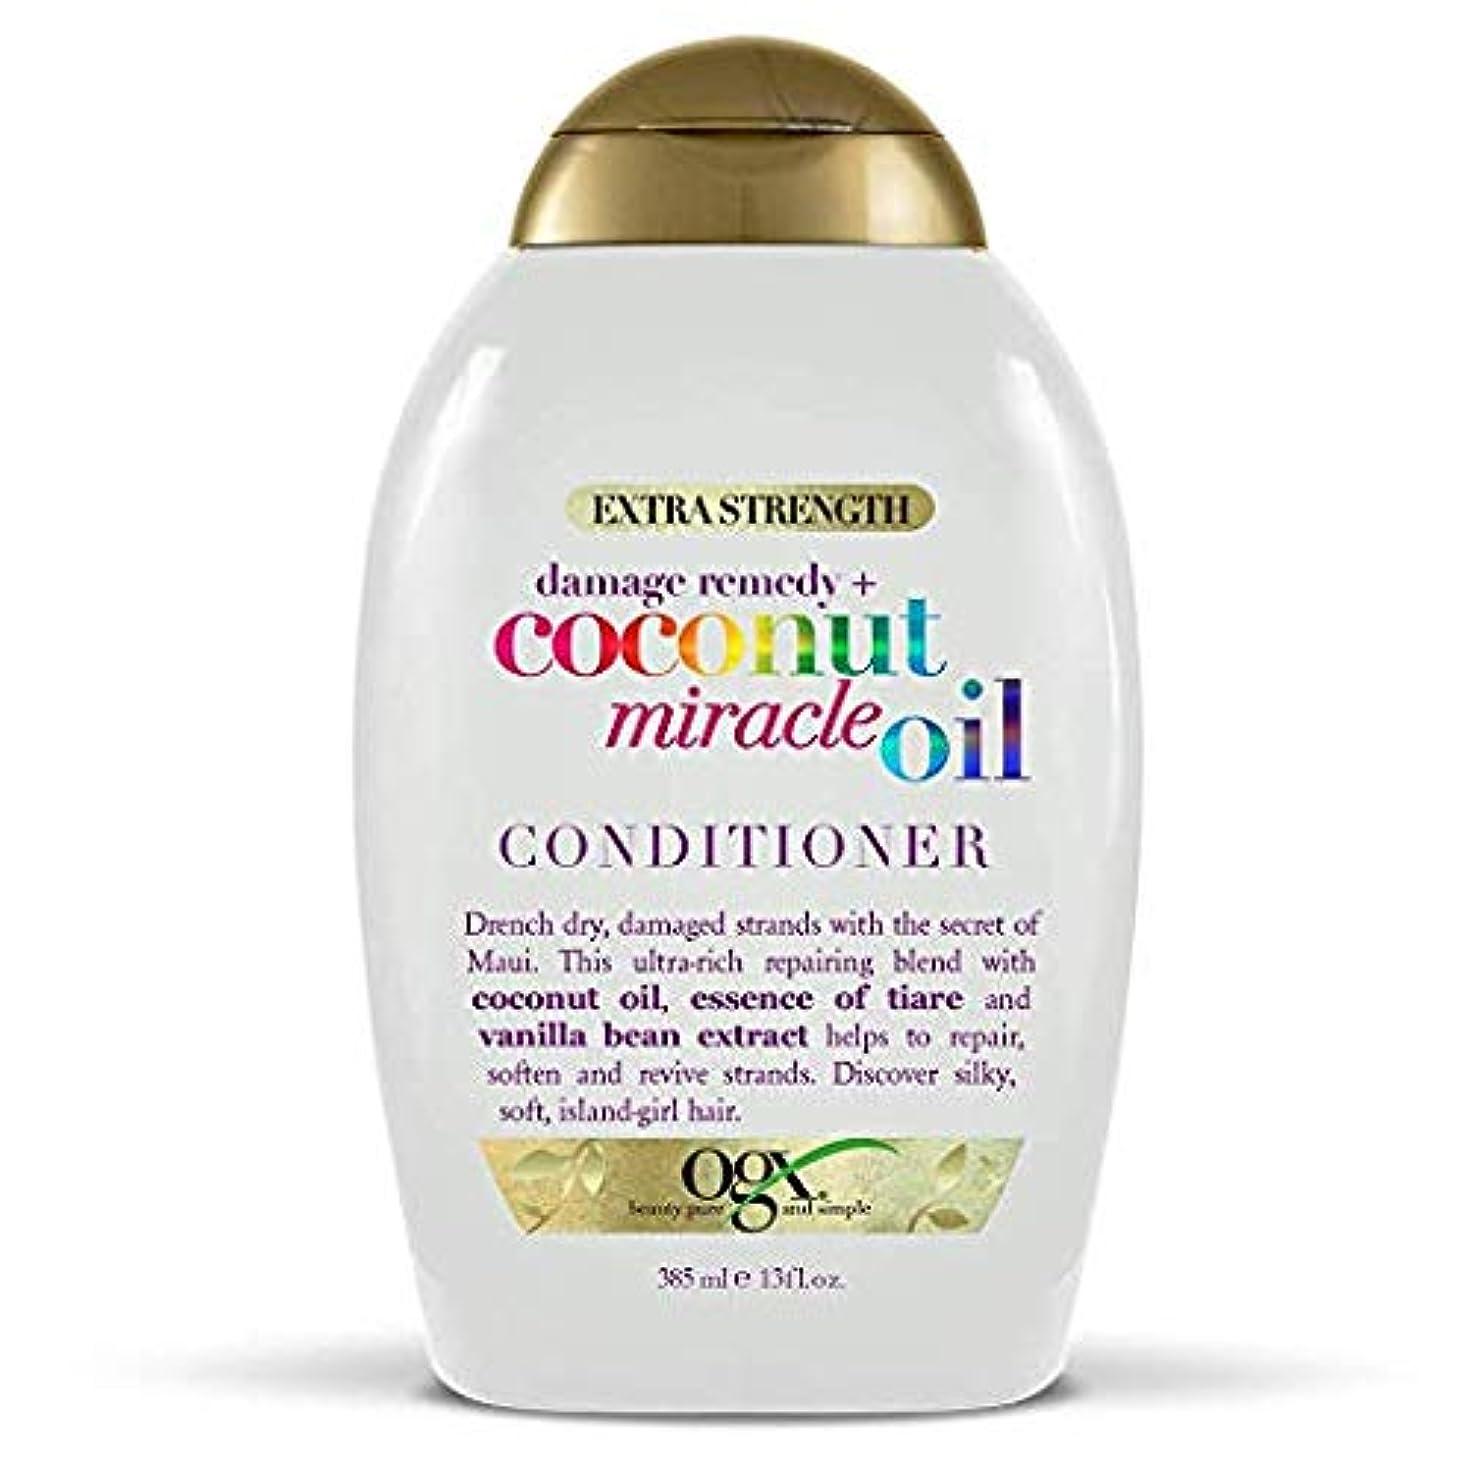 ボス軽食知覚するOgx Conditioner Coconut Miracle Oil Extra Strength 13oz OGX ココナッツミラクルオイル エクストラストレングス コンディショナー 385ml [並行輸入品]